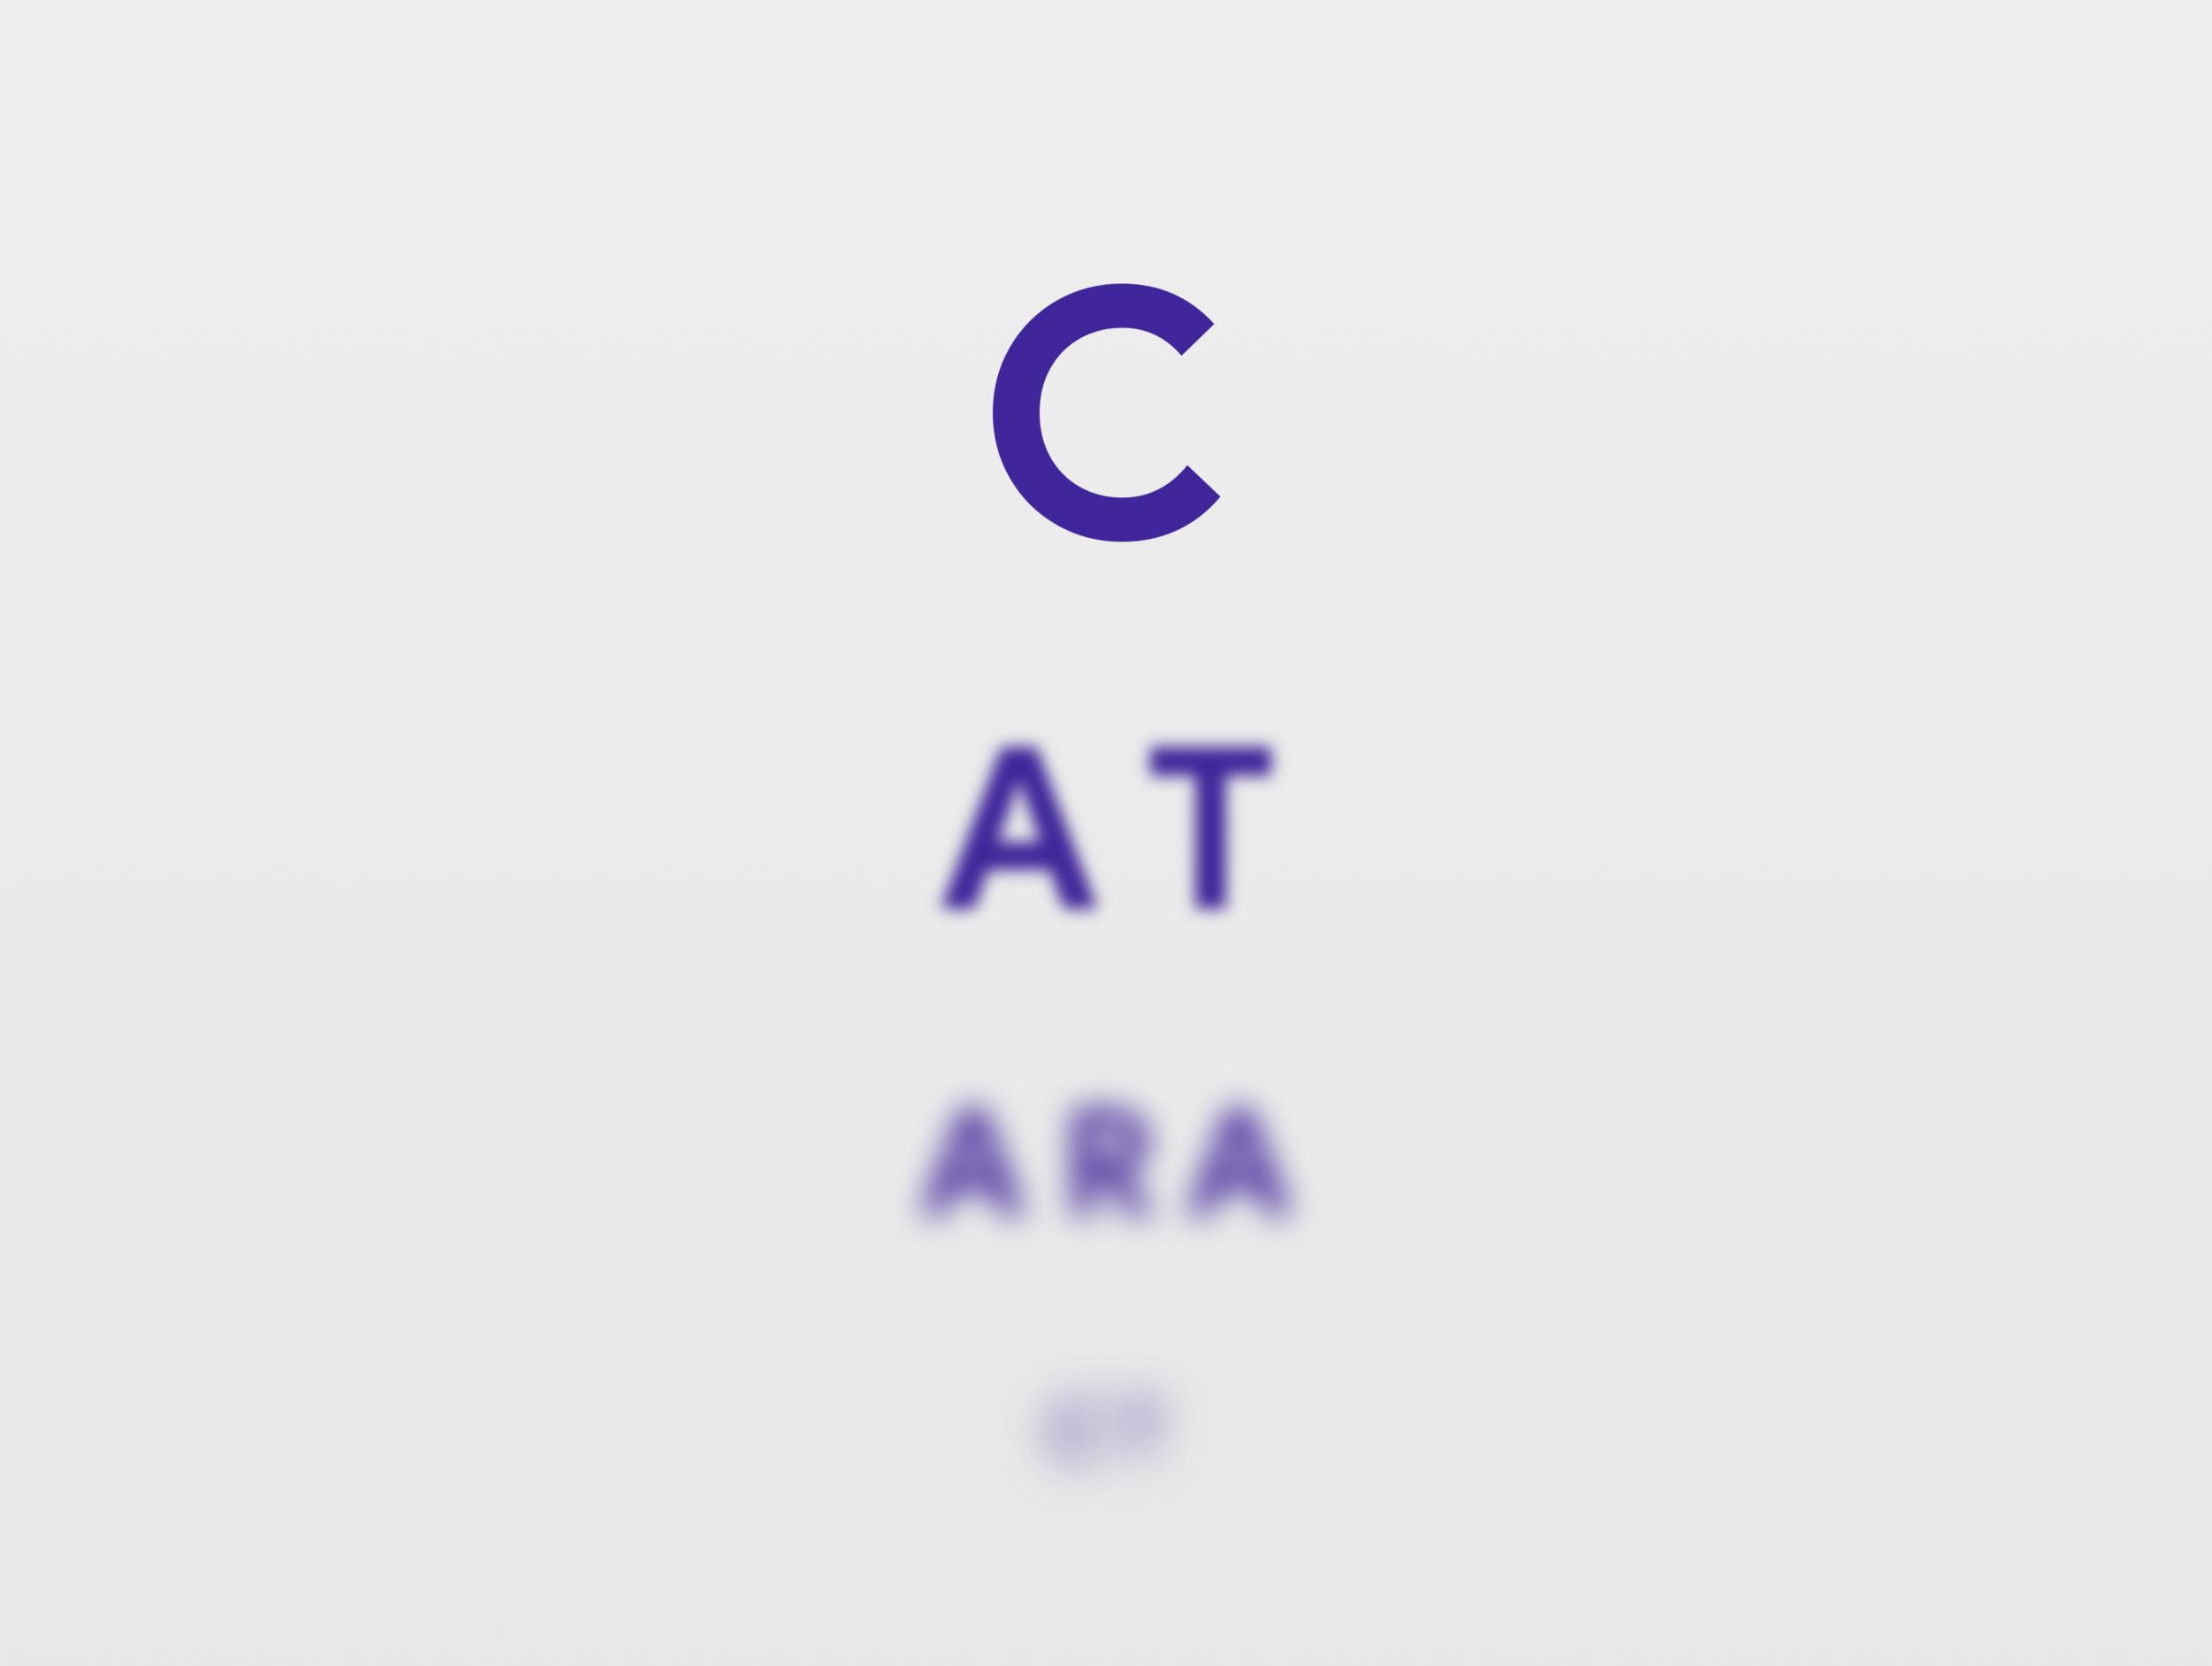 cataract-diagnostic-tool.png